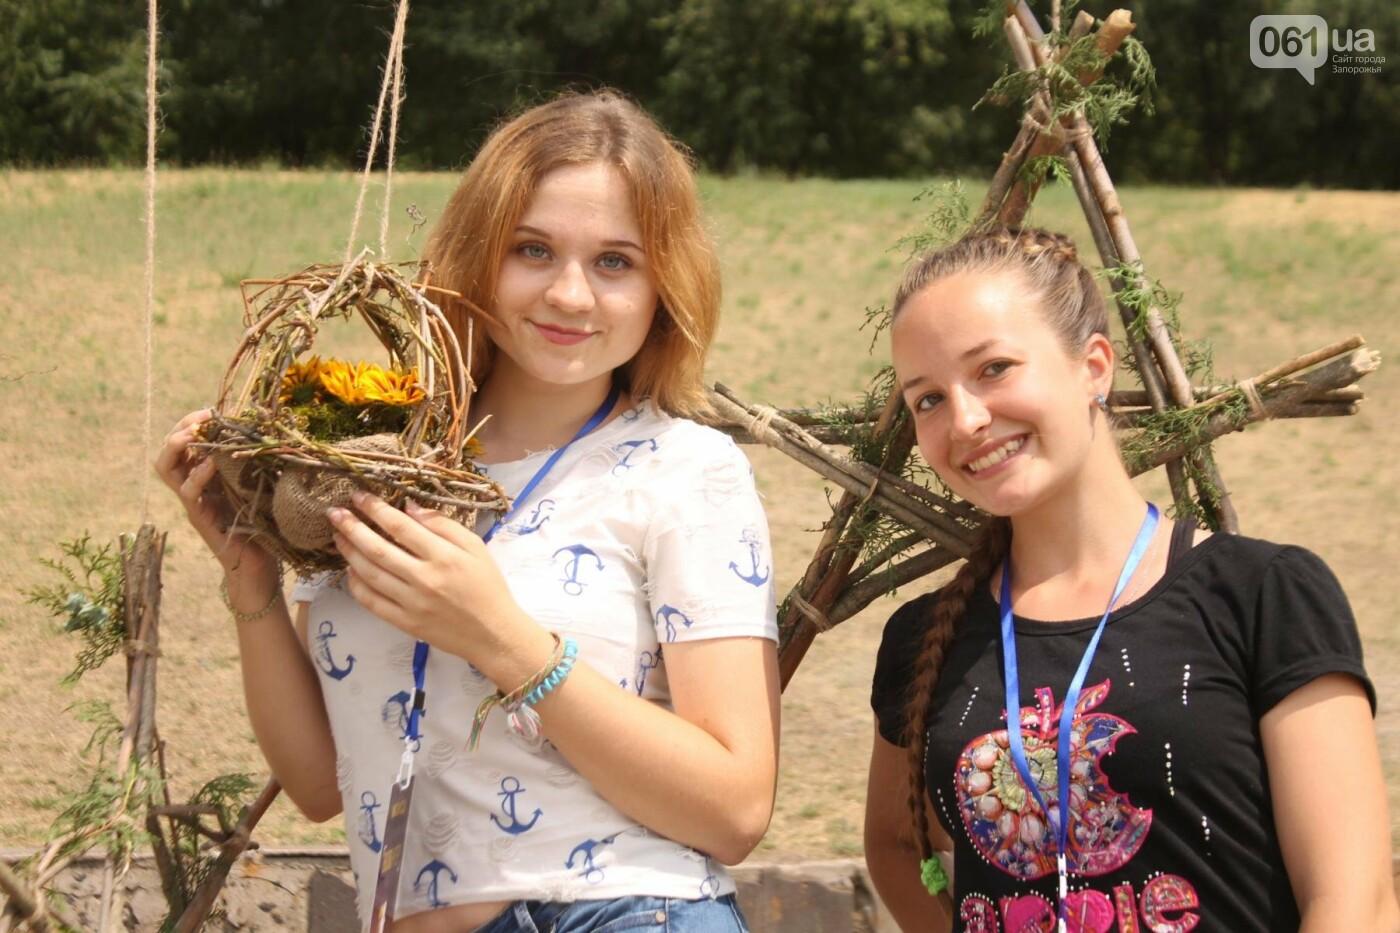 Фестиваль еды, концерты и развлечения: в Запорожье начался фестиваль ко Дню молодежи, – ФОТОРЕПОРТАЖ, фото-14